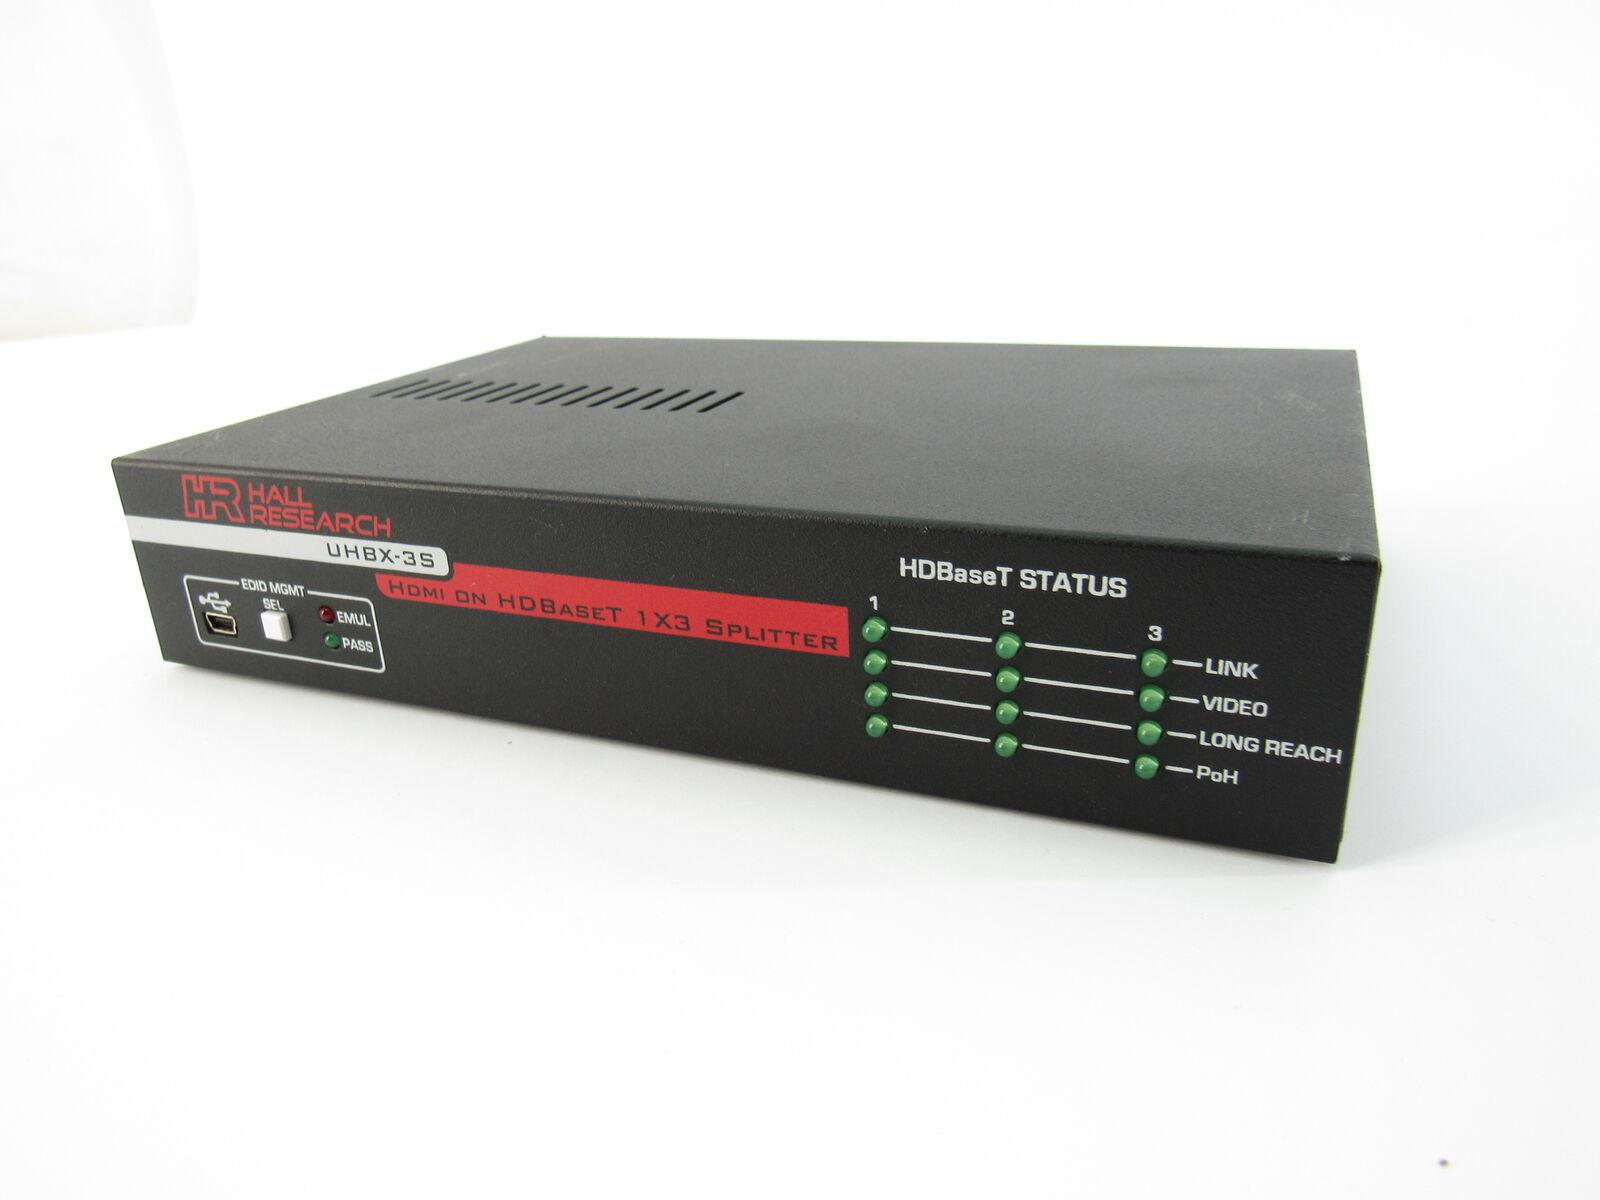 Hall investigación uhbx - 3S 1x3 Hdmi HDBaseT Splitter Splitter Splitter Amplificador 852f65